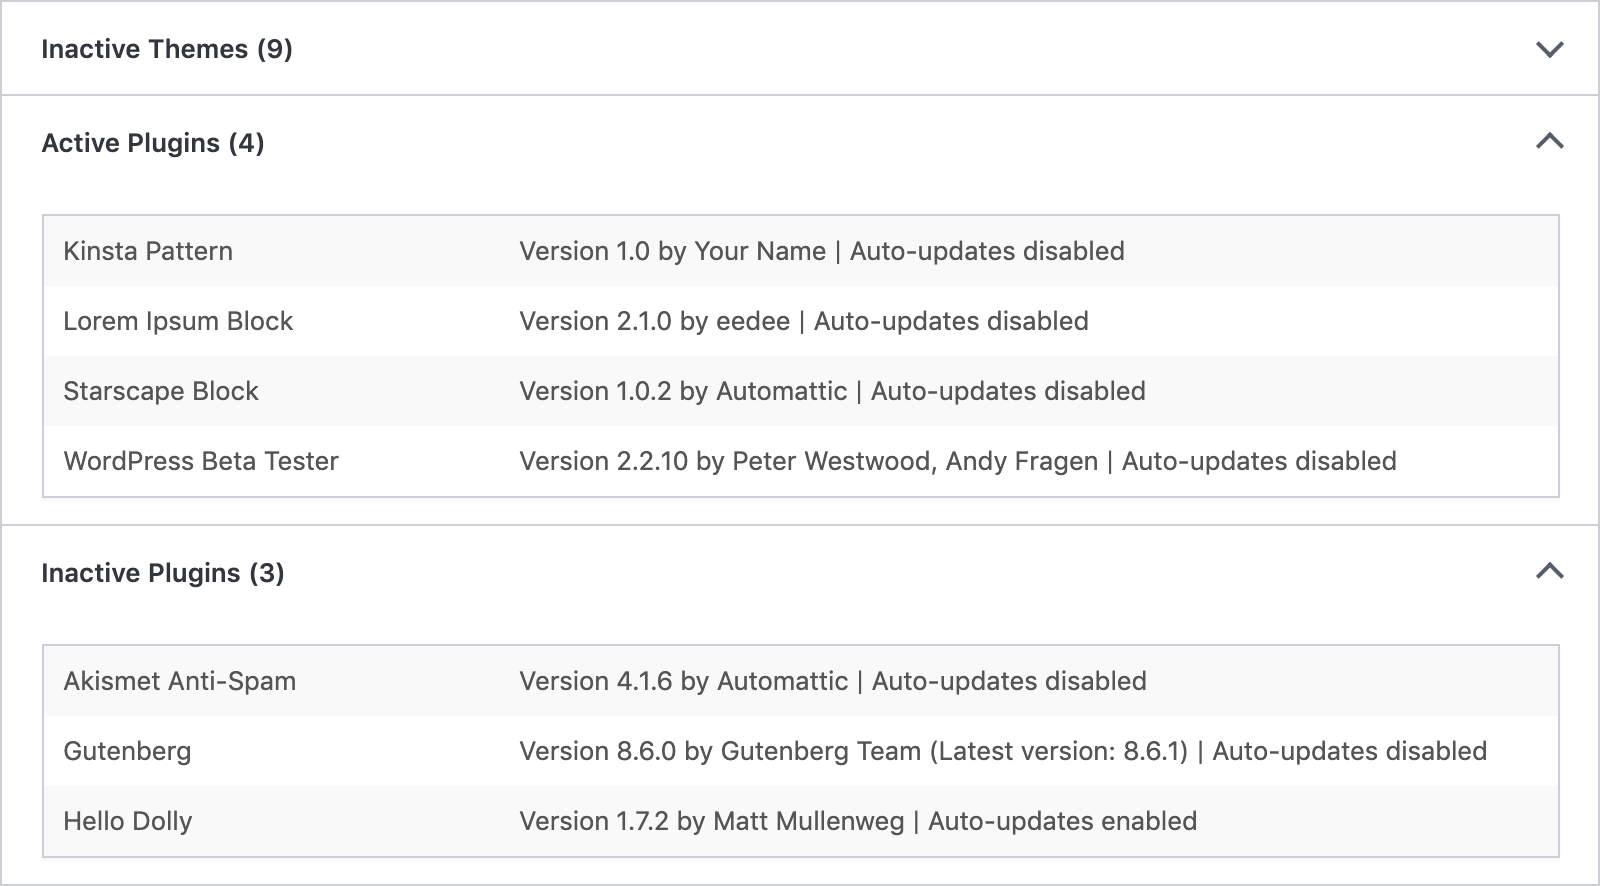 A aba Informações de saúde do site mostra o status do plugin e da atualização automática do tema